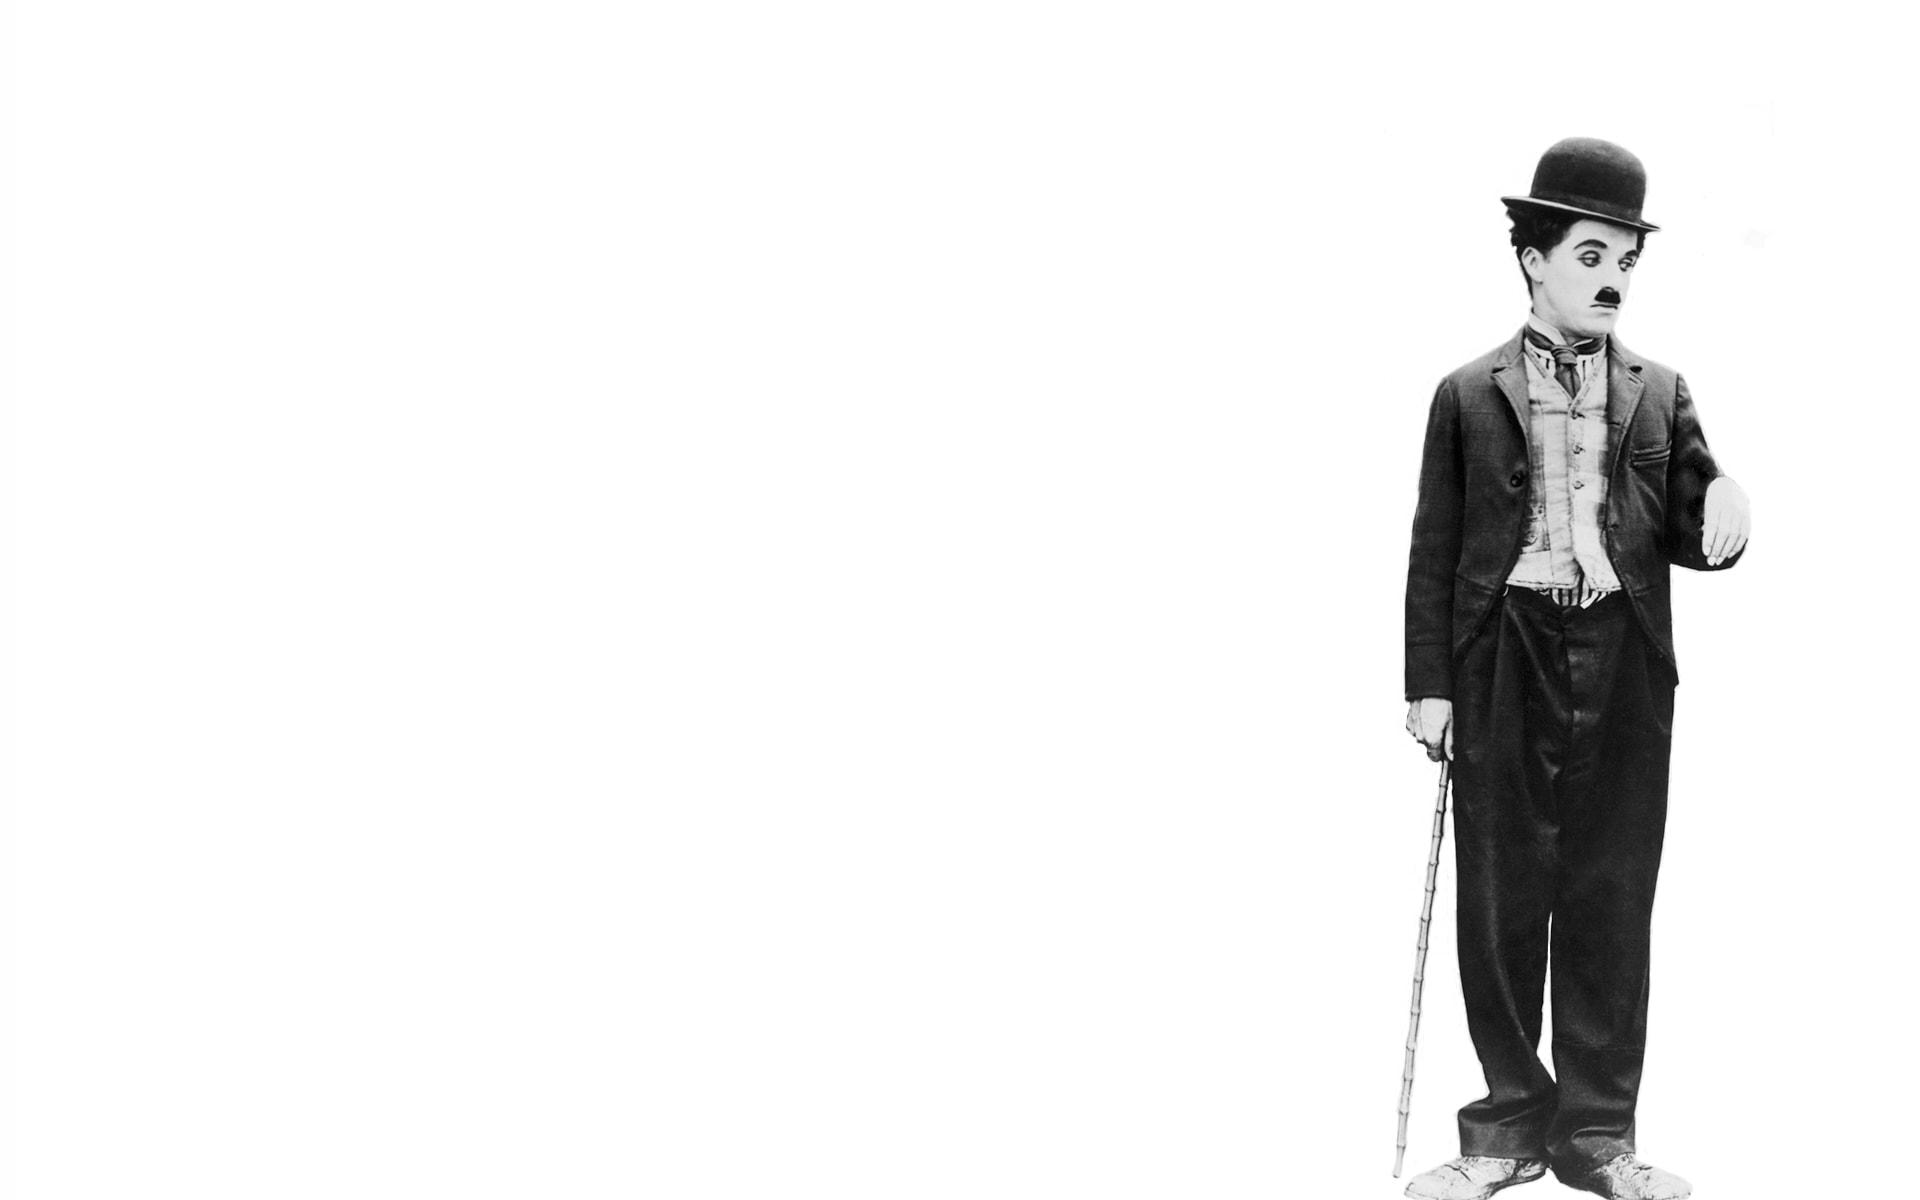 De prachtige en inspirerende speech van Charlie Chaplin